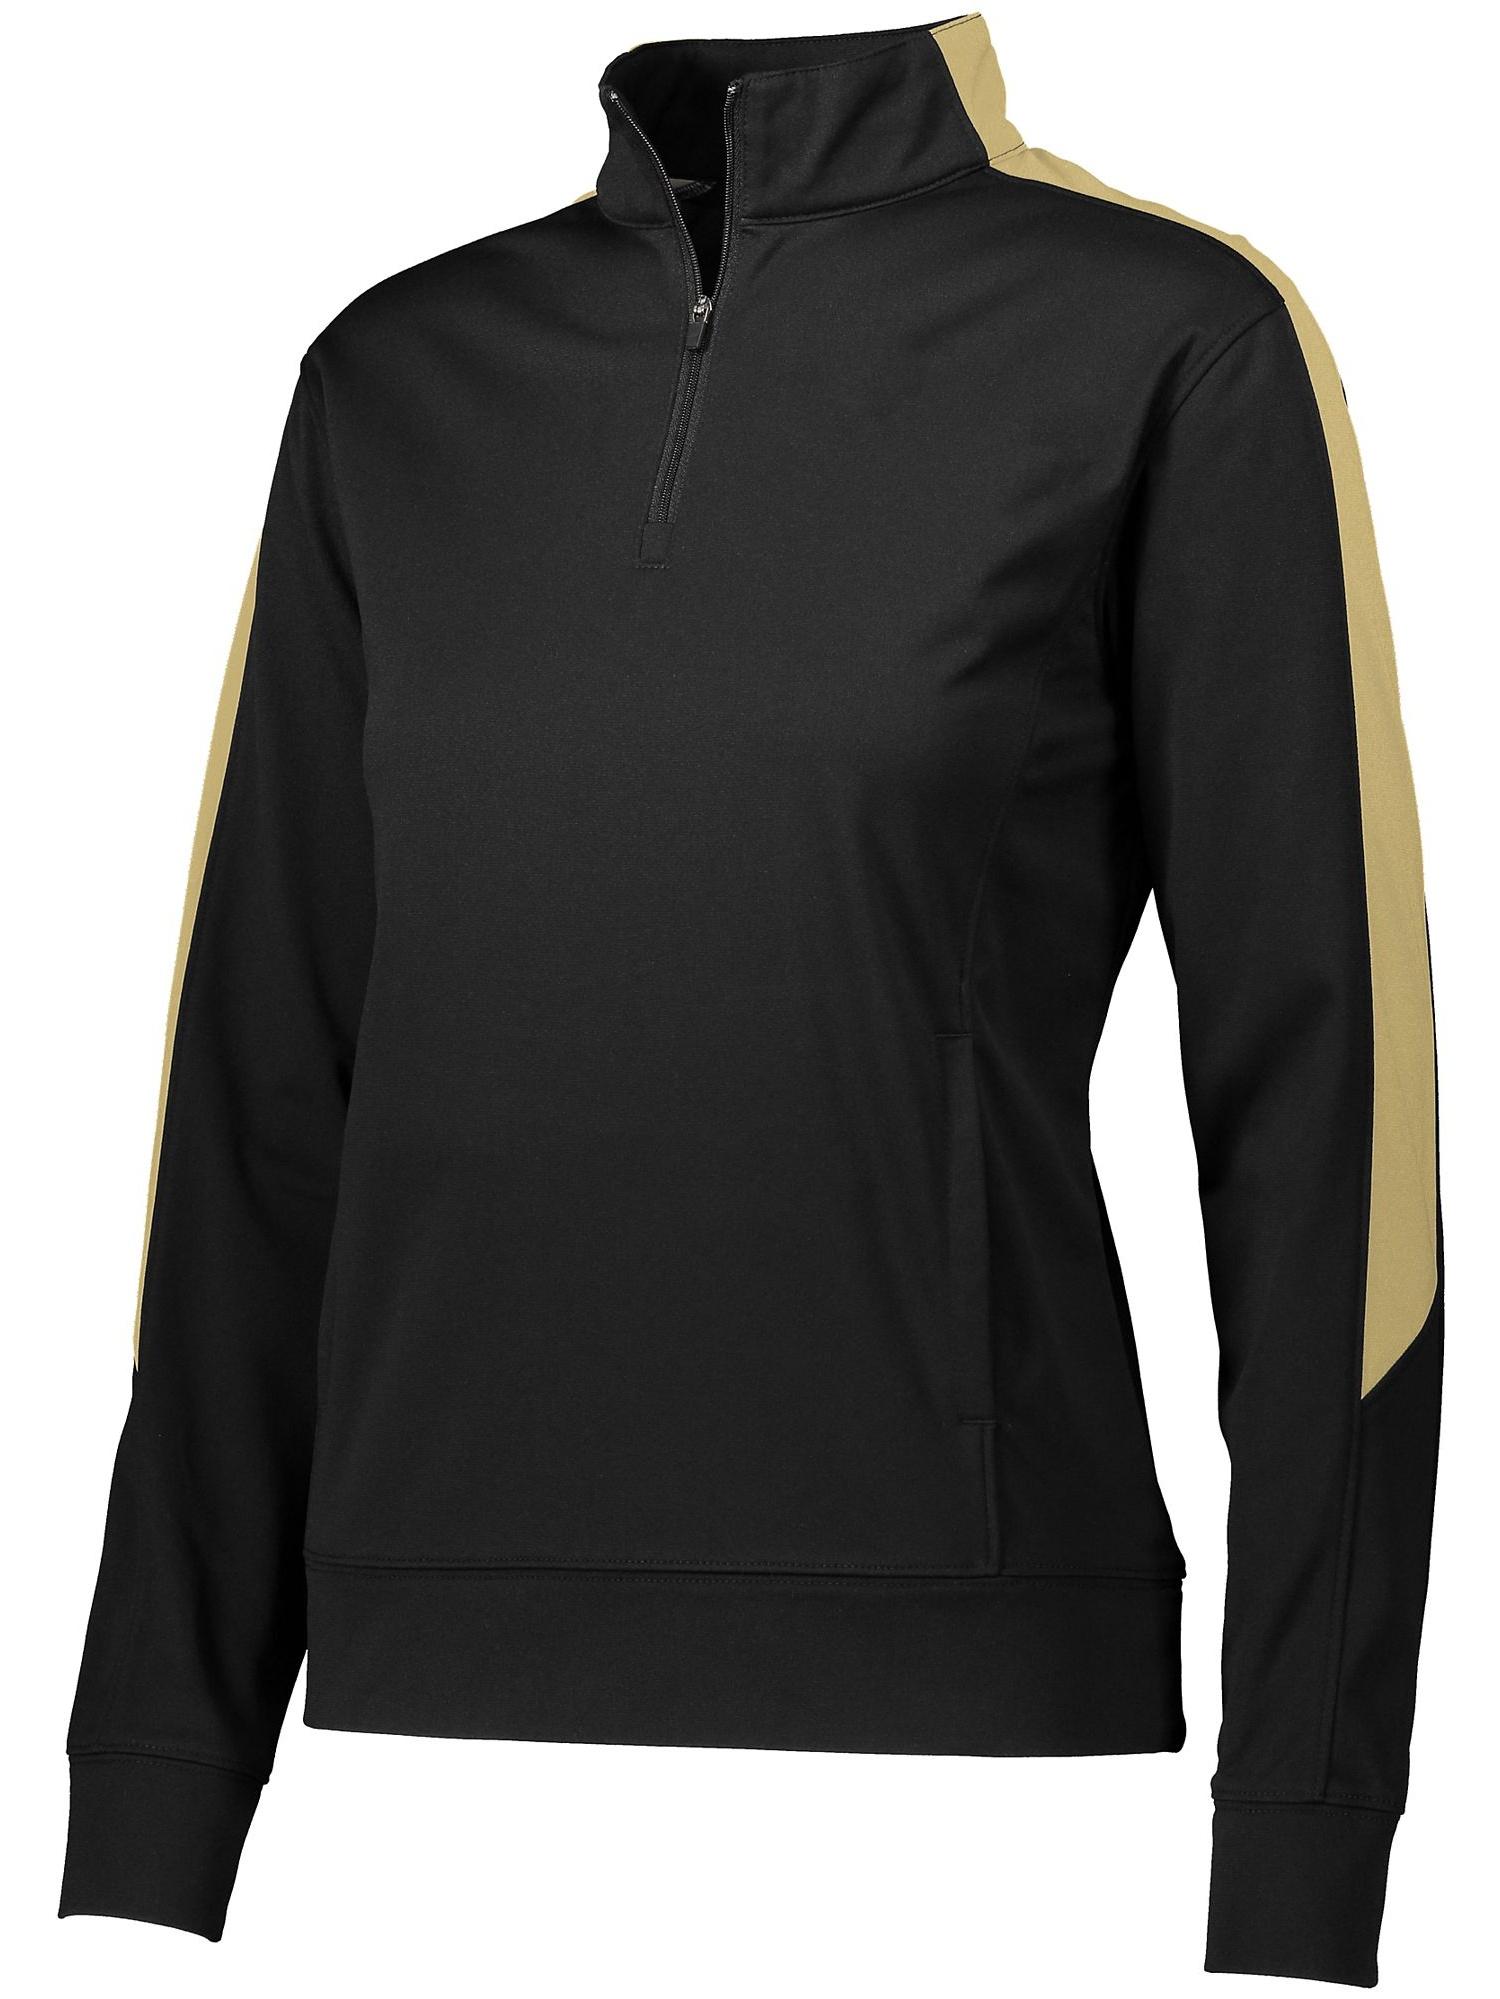 Augusta Sportswear Women's Medalist 2.0 Pullover 4388